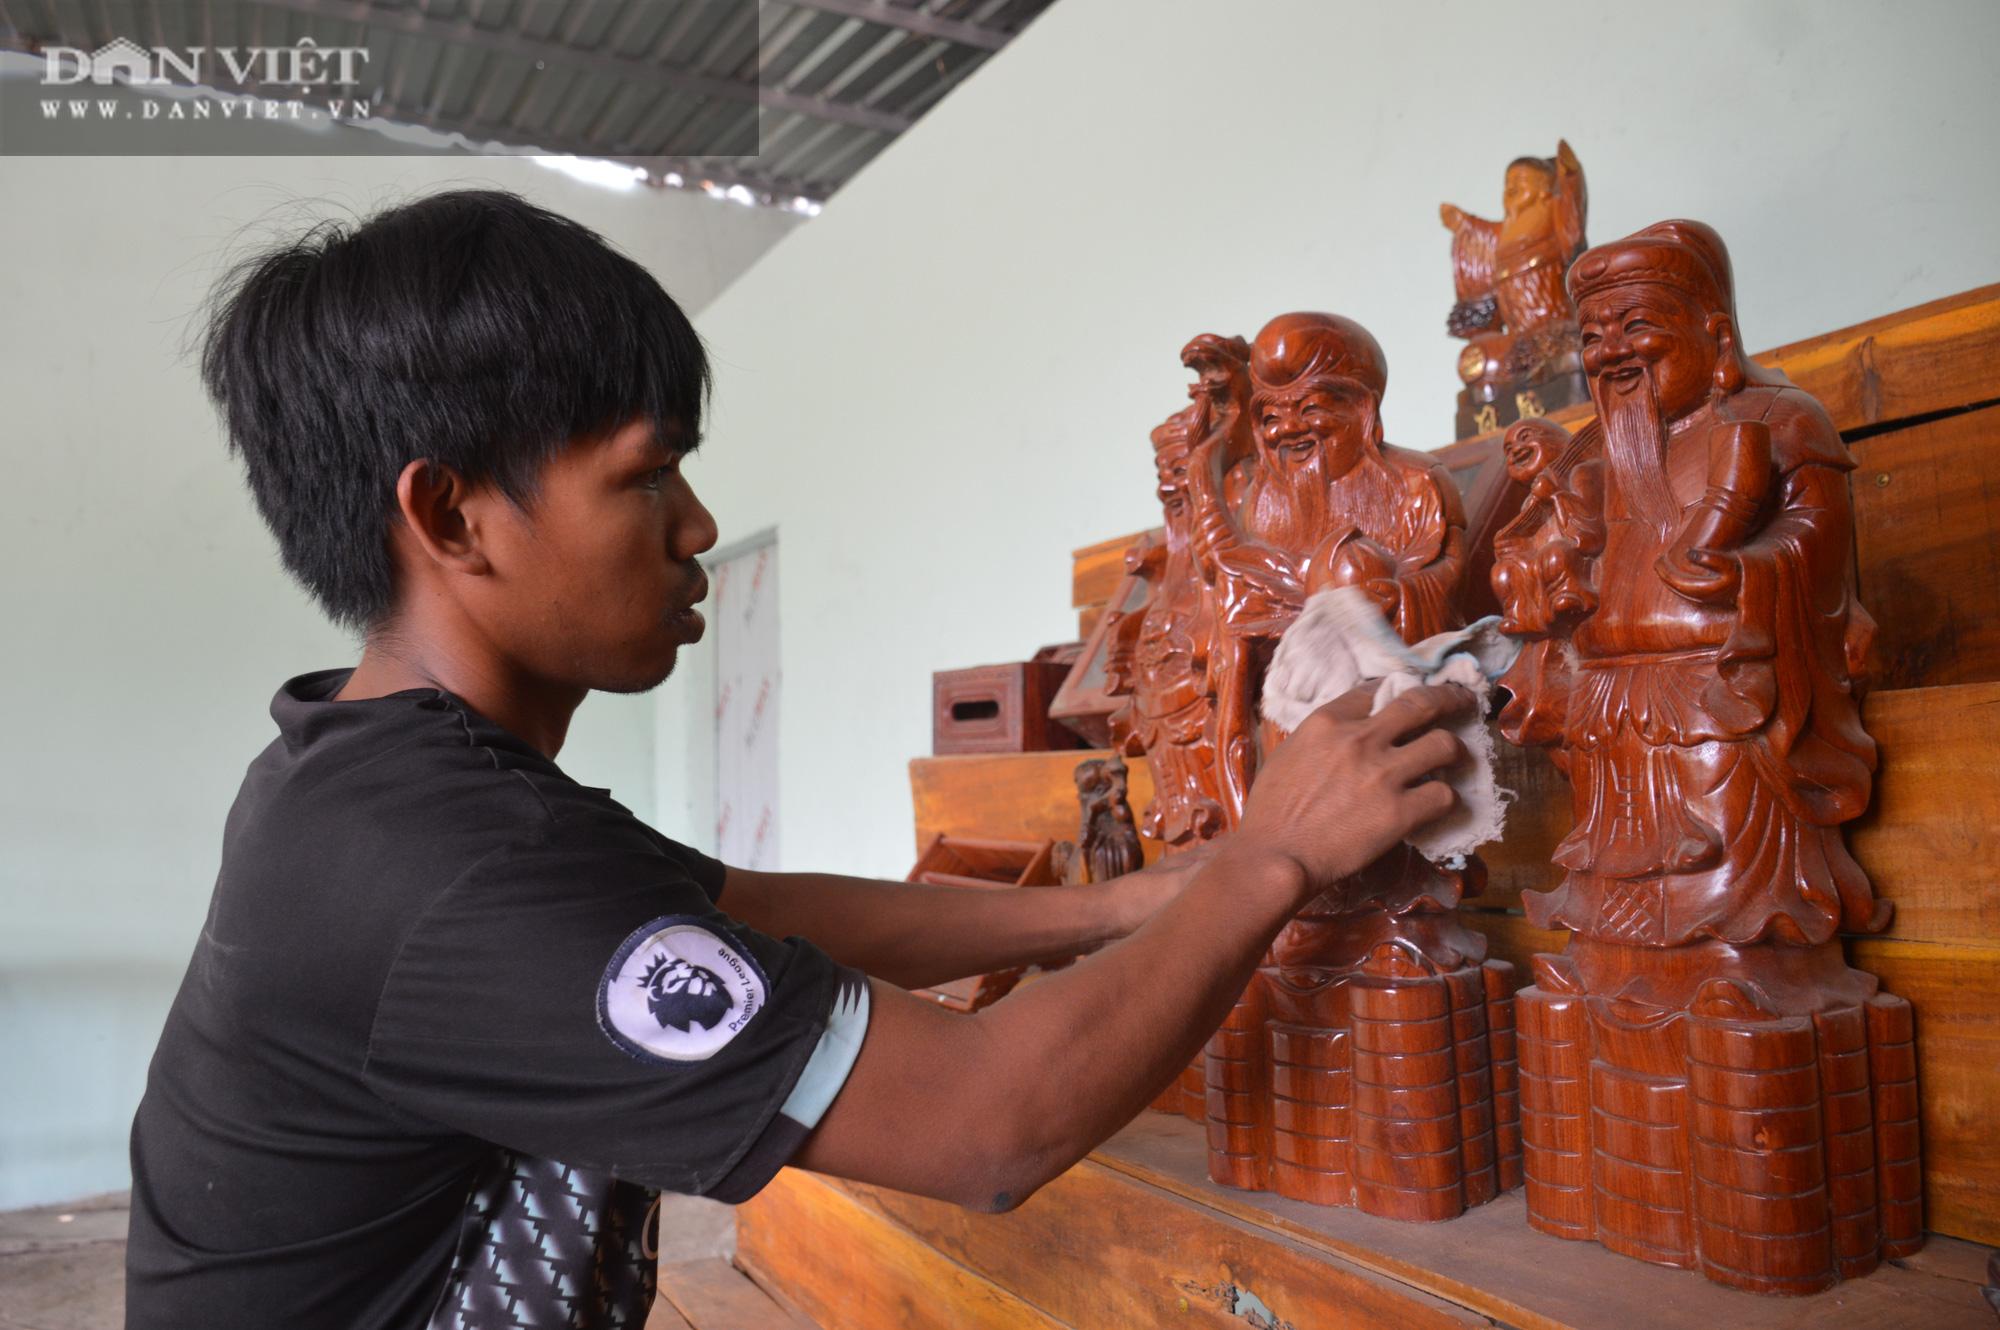 Cà Mau: Ấp Khmer chỉ có 2 hộ nghèo, nhiều mô hình làm ăn cho thu nhập cao - Ảnh 5.